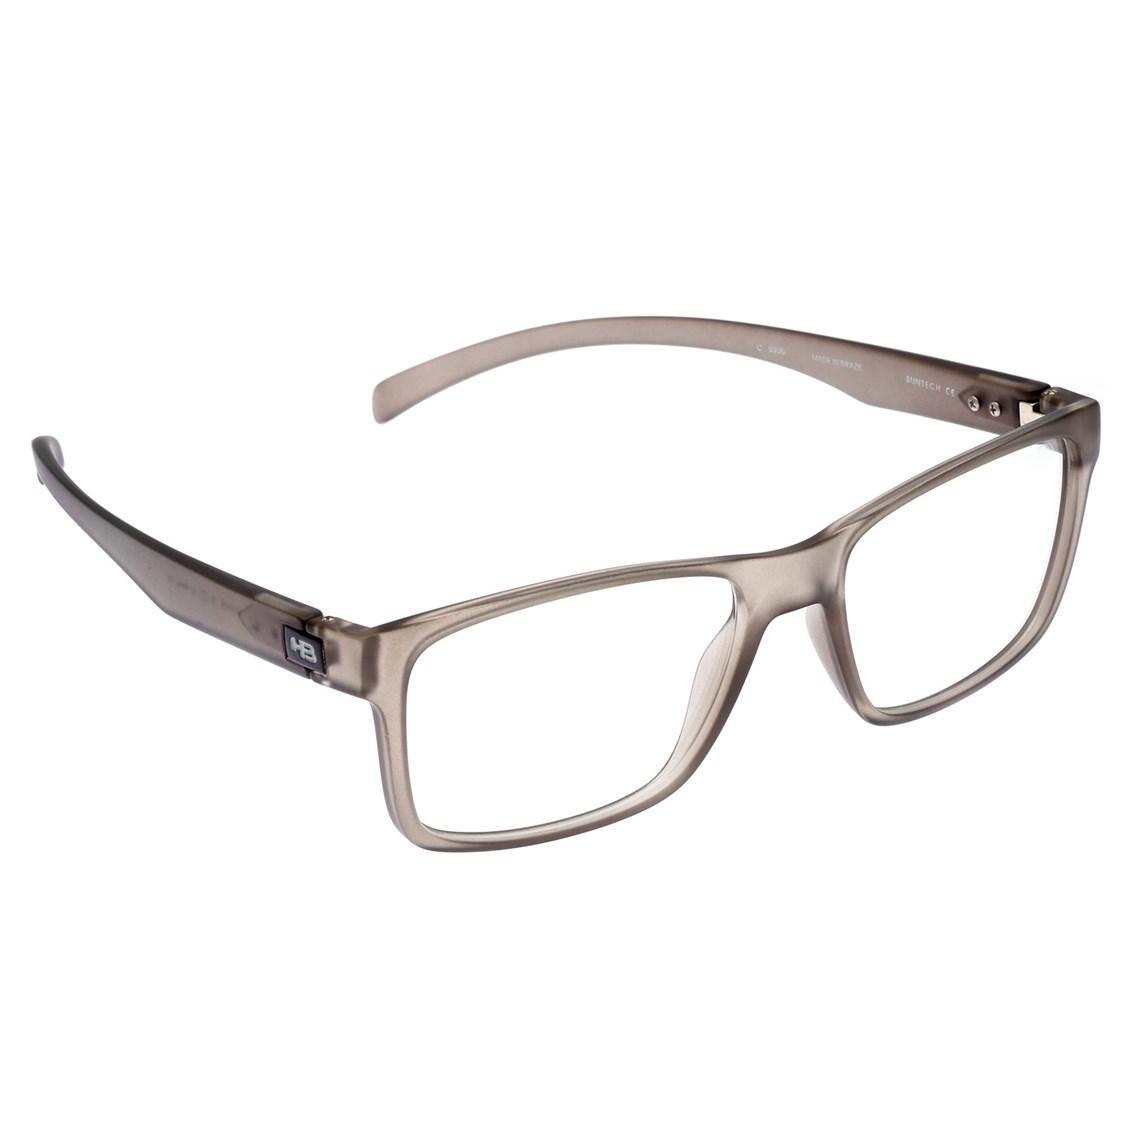 Óculos de Grau HB Polytech 93108 Matte Onyx Demo